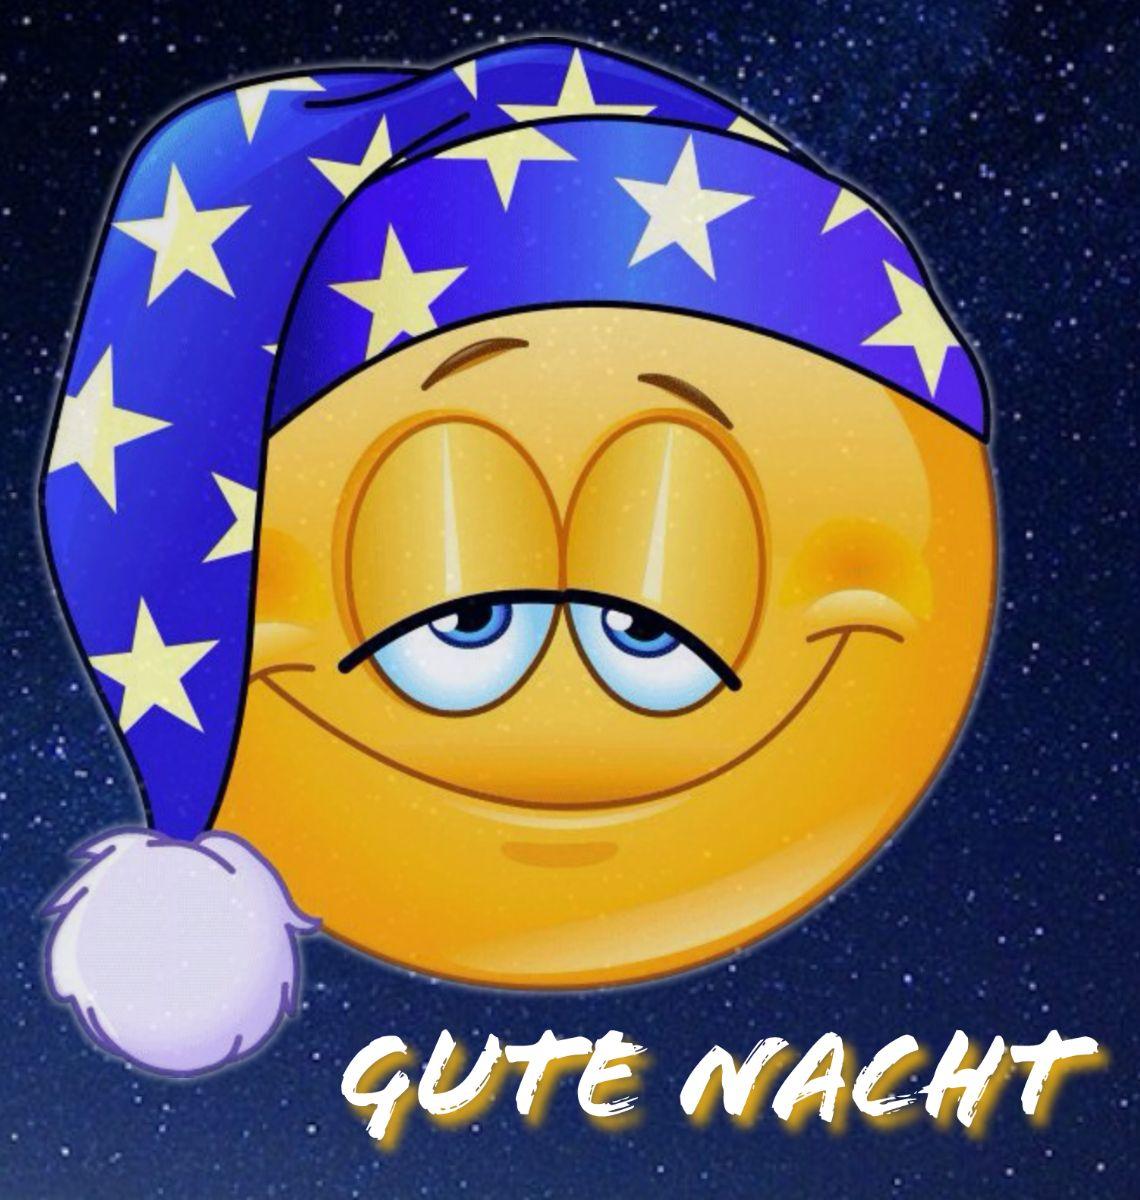 Gute Nacht Smiley | Smiley emoji, Smiley emoticon